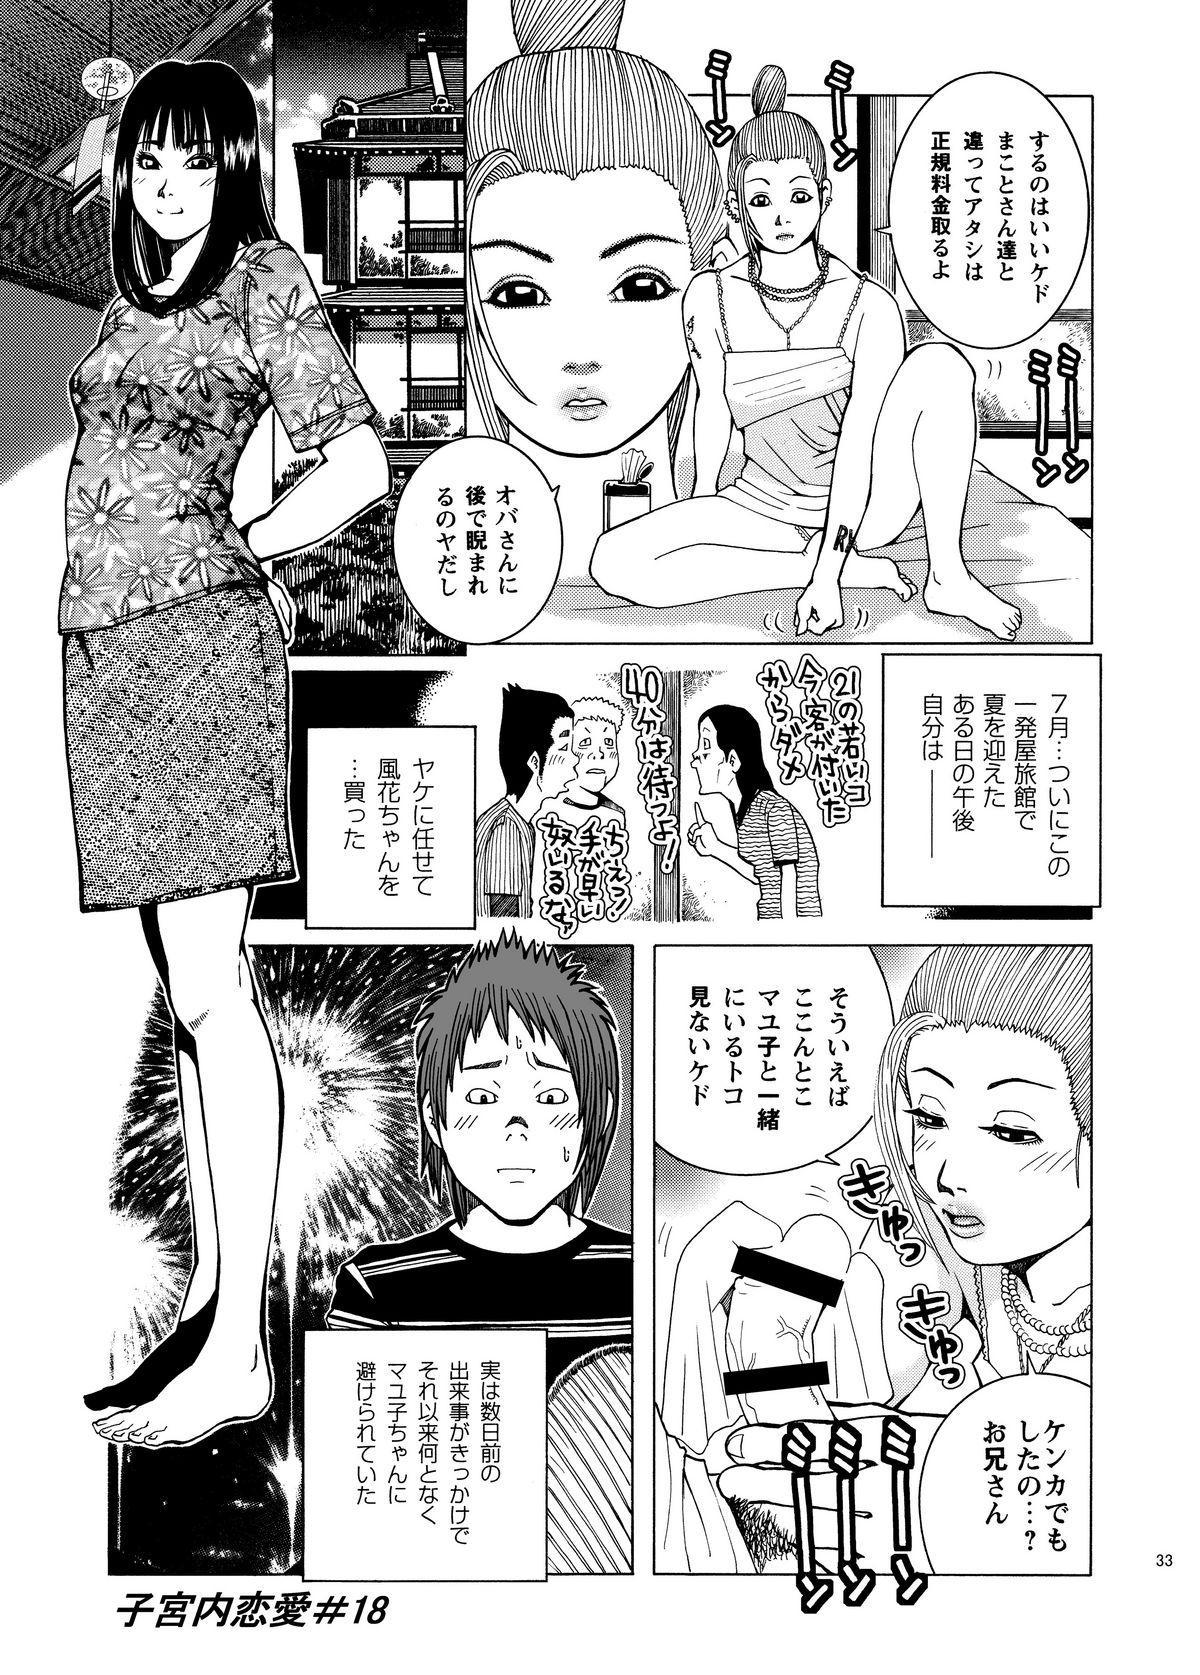 Shikyuunai Renai #14~#25 35